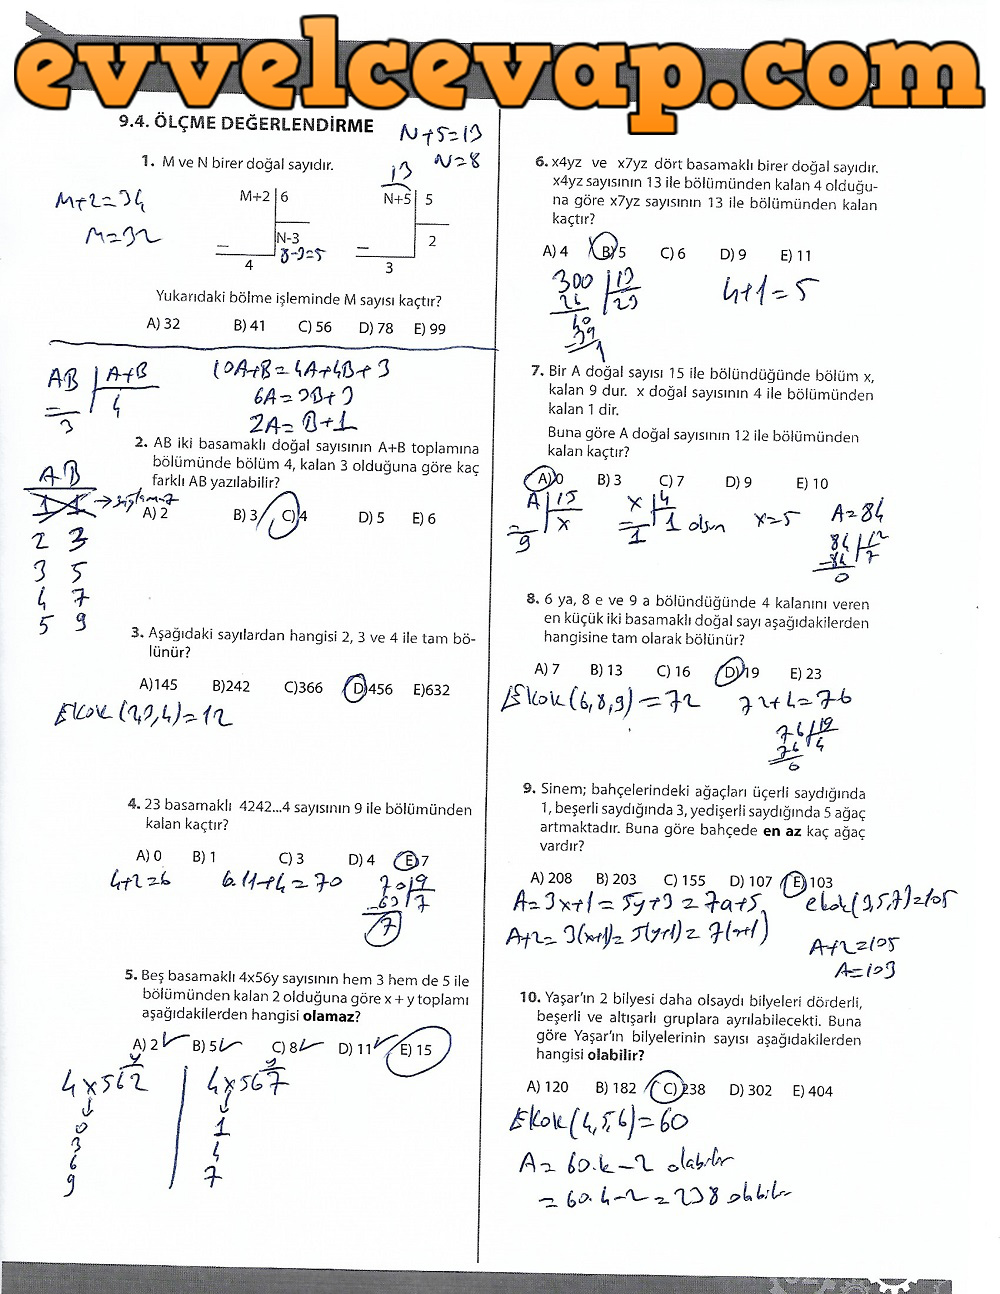 9.Sınıf Matematik MEB Yayınları Ders Kitabı 195.Sayfa Cevapları 4.Ünite